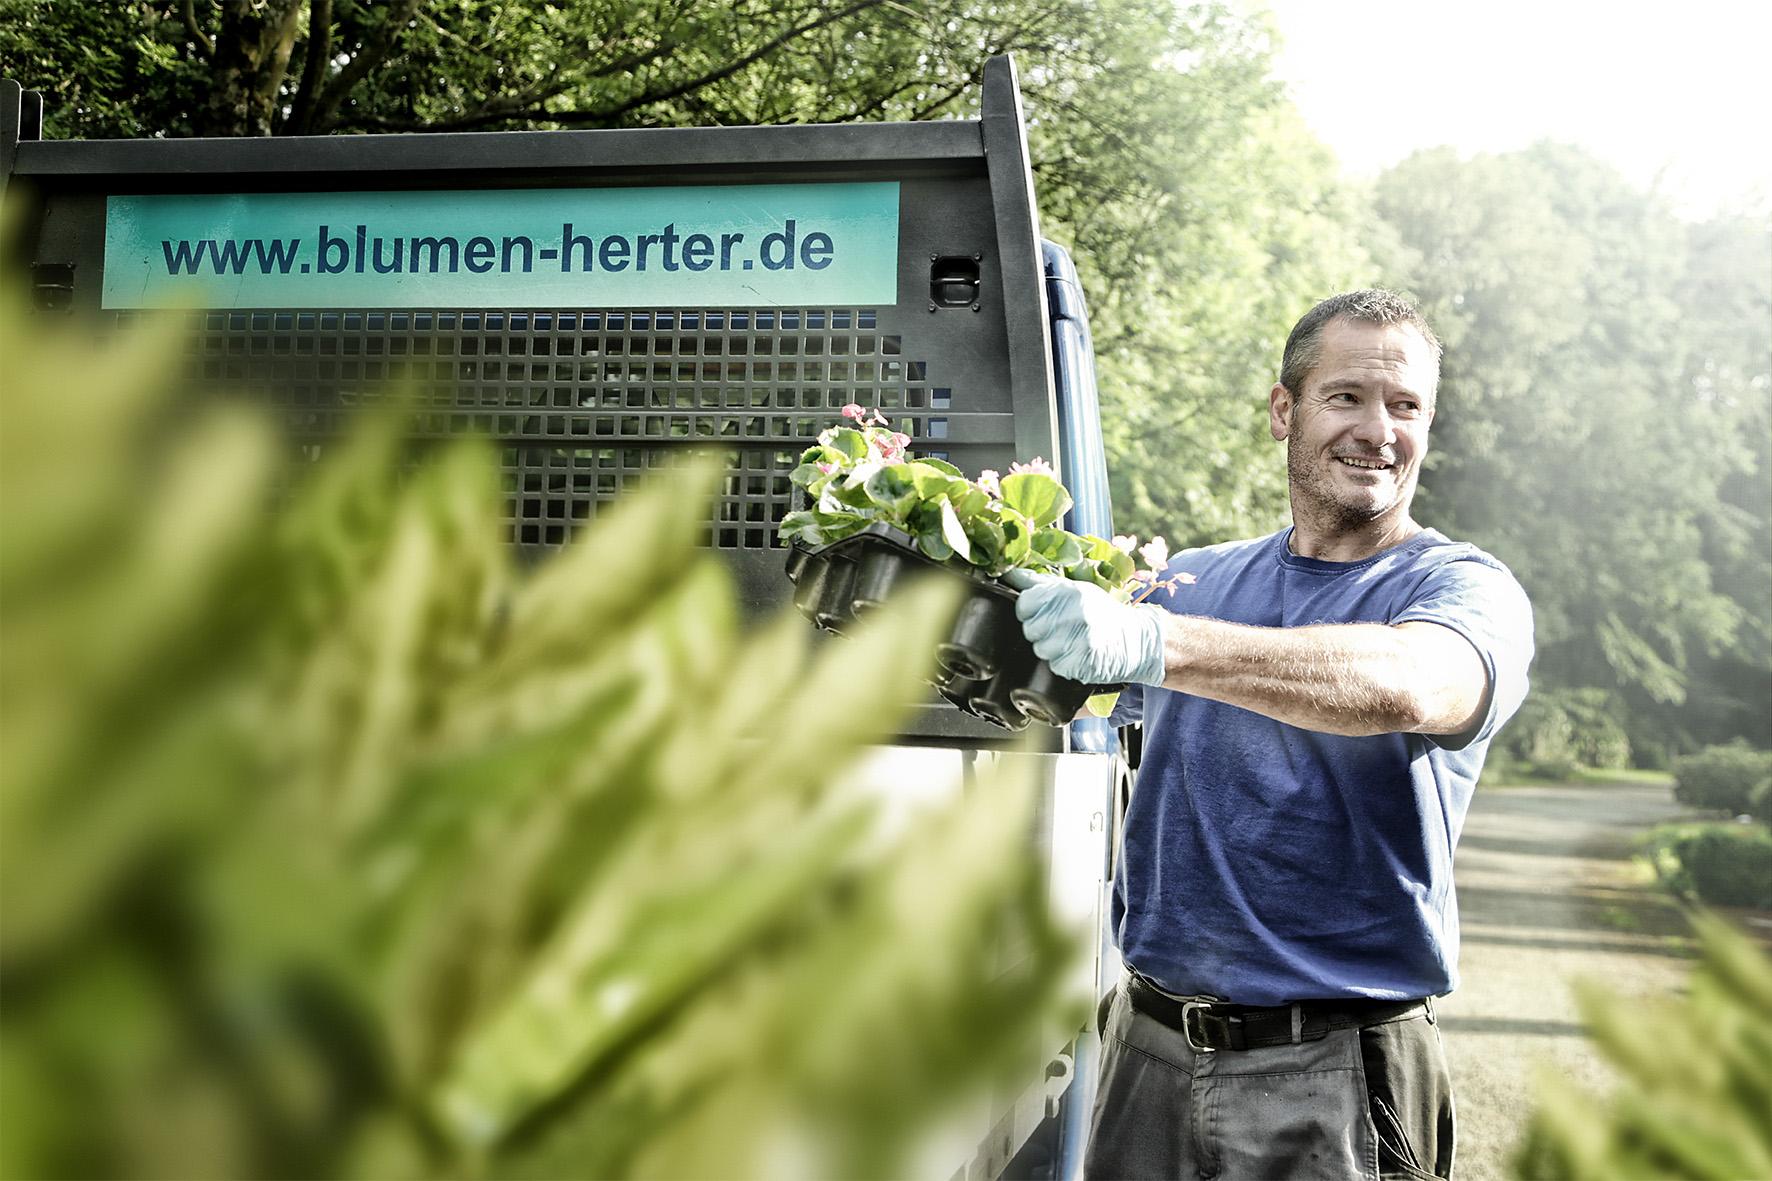 Blumen Herter